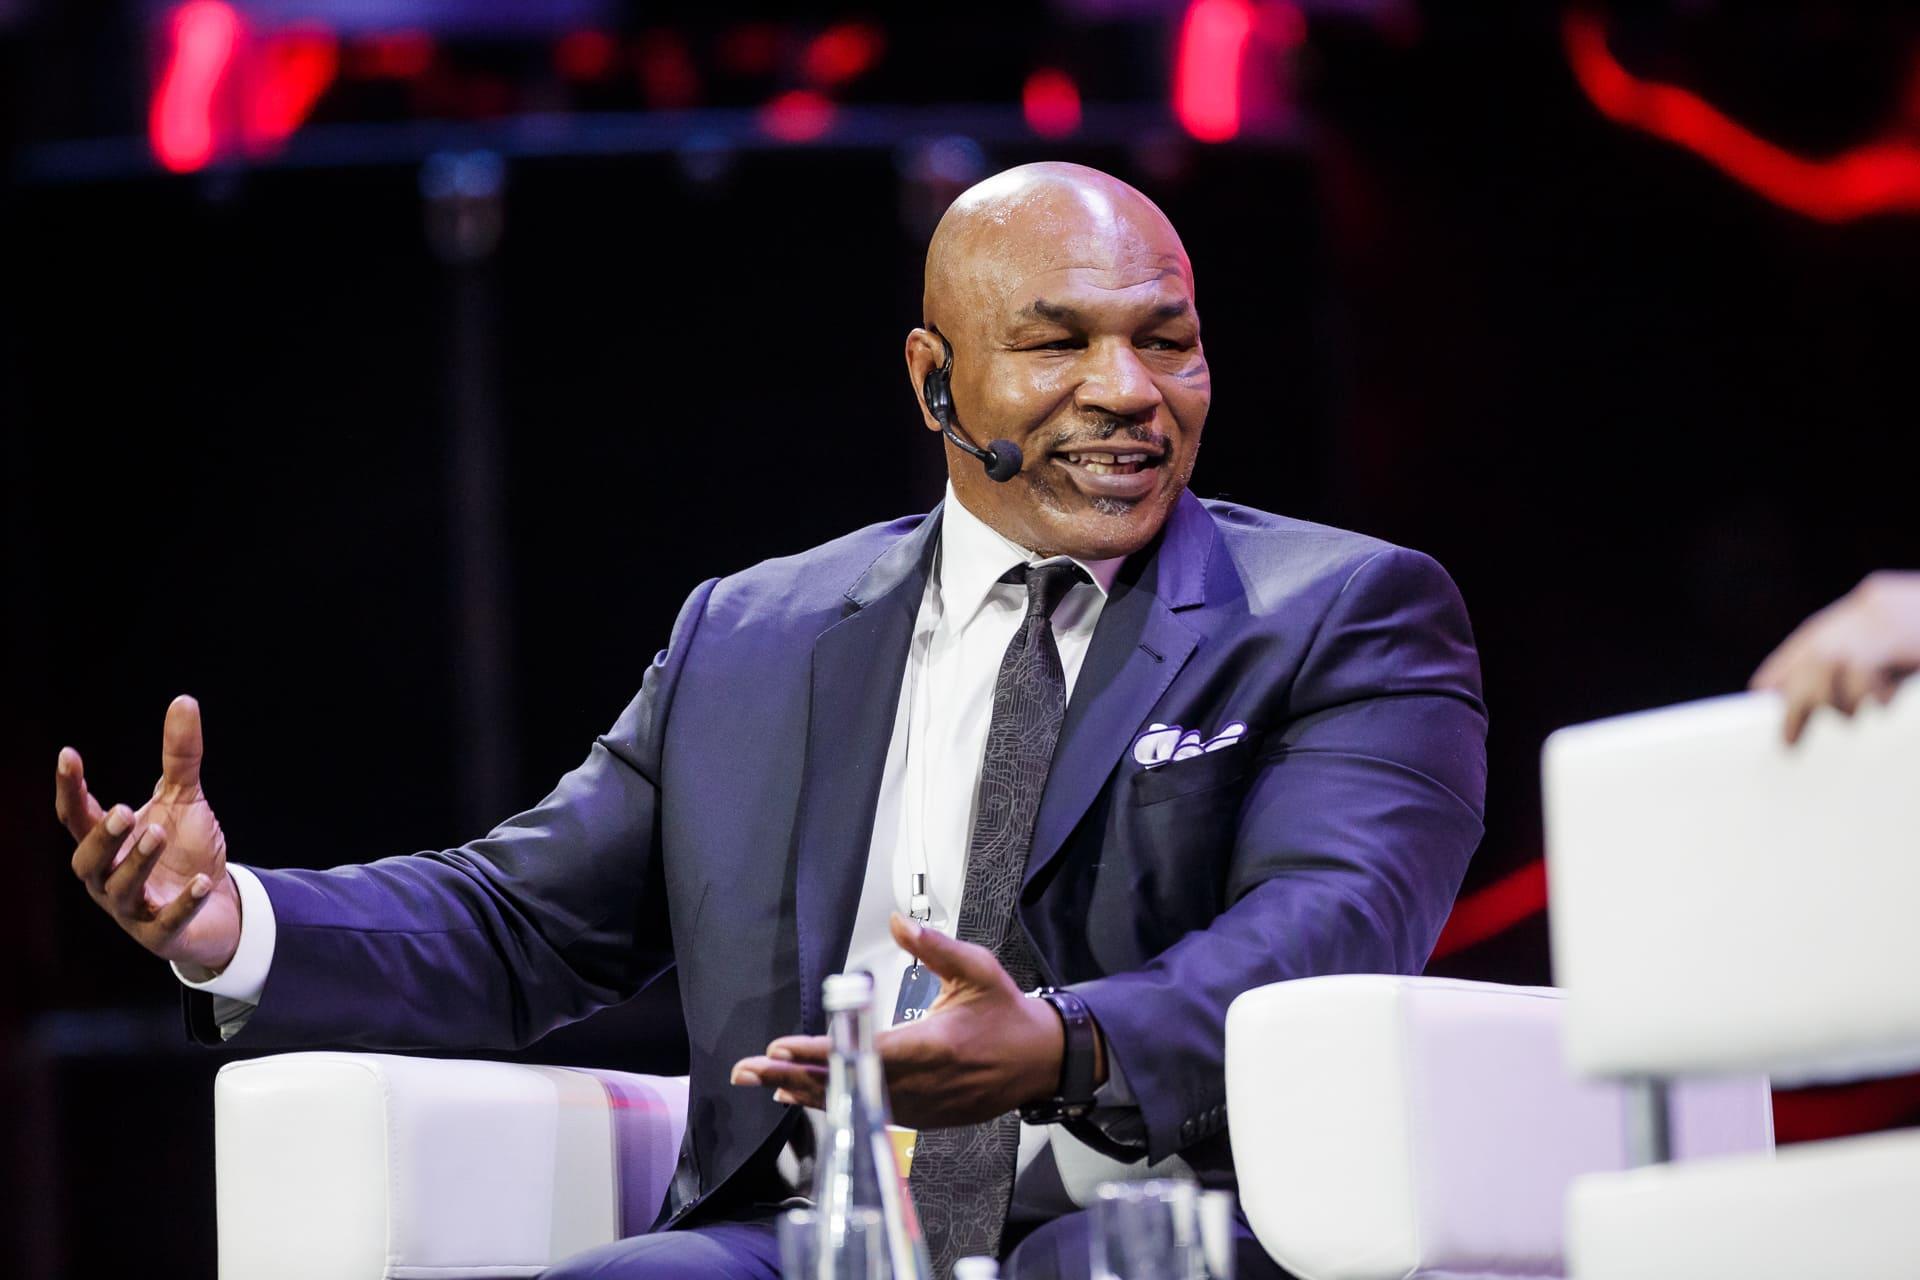 На бизнес-форуме «Синергии» Synergy Global Forum в Москве выступил легендарный боксёр Майк Тайсон